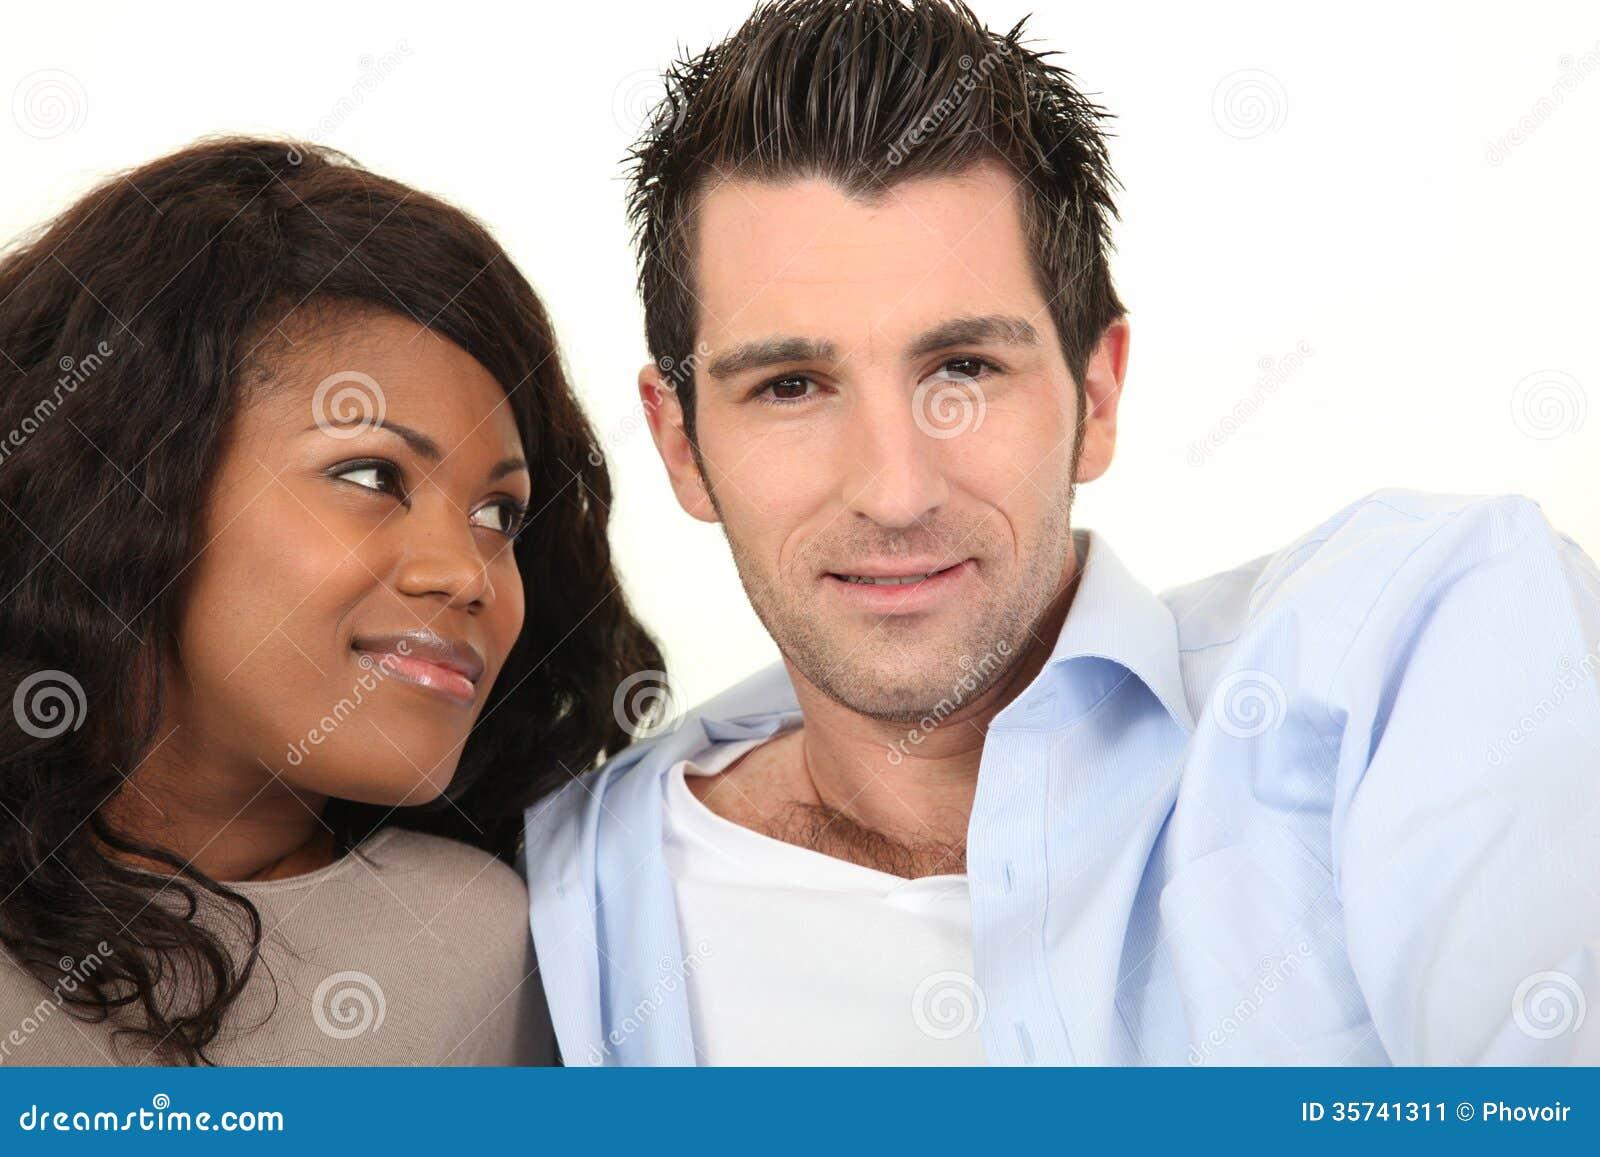 femme joliette cherche homme site de rencontre gratuit aude